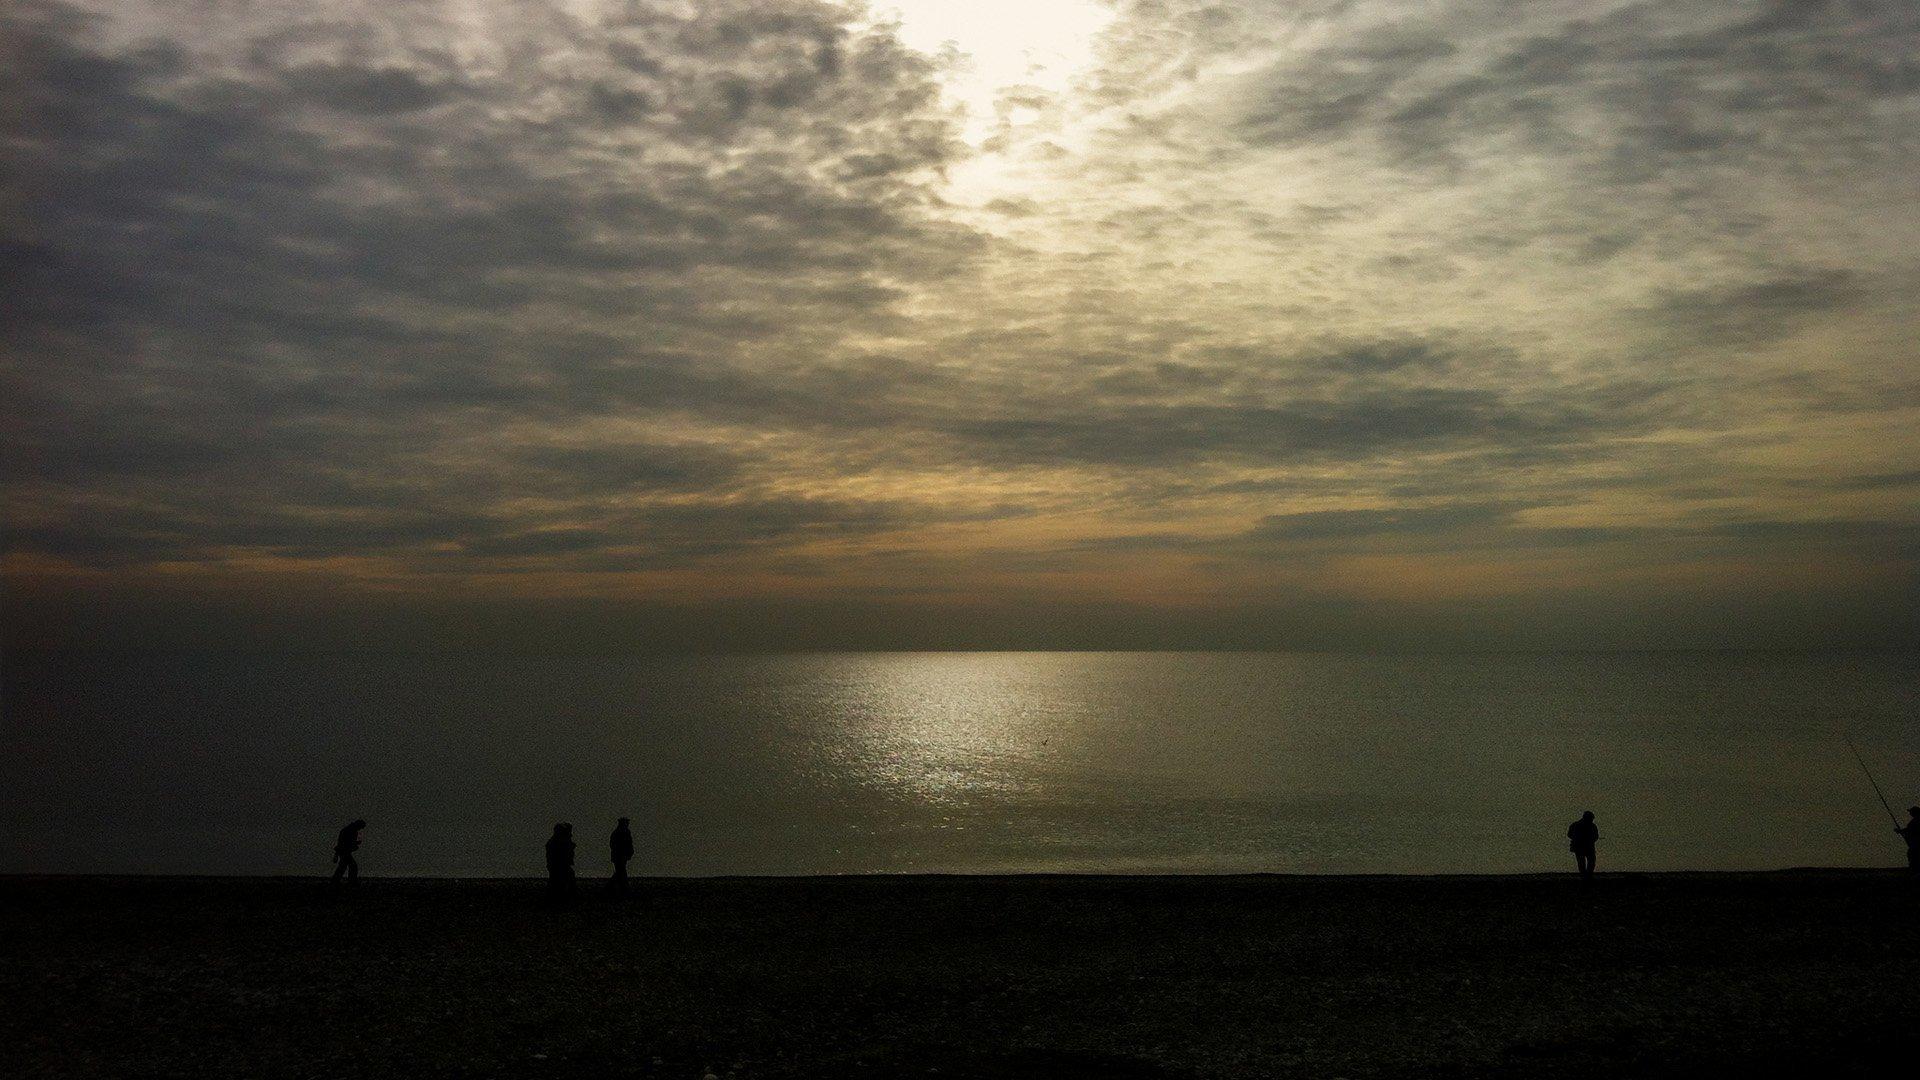 gün batımı ve insanlar